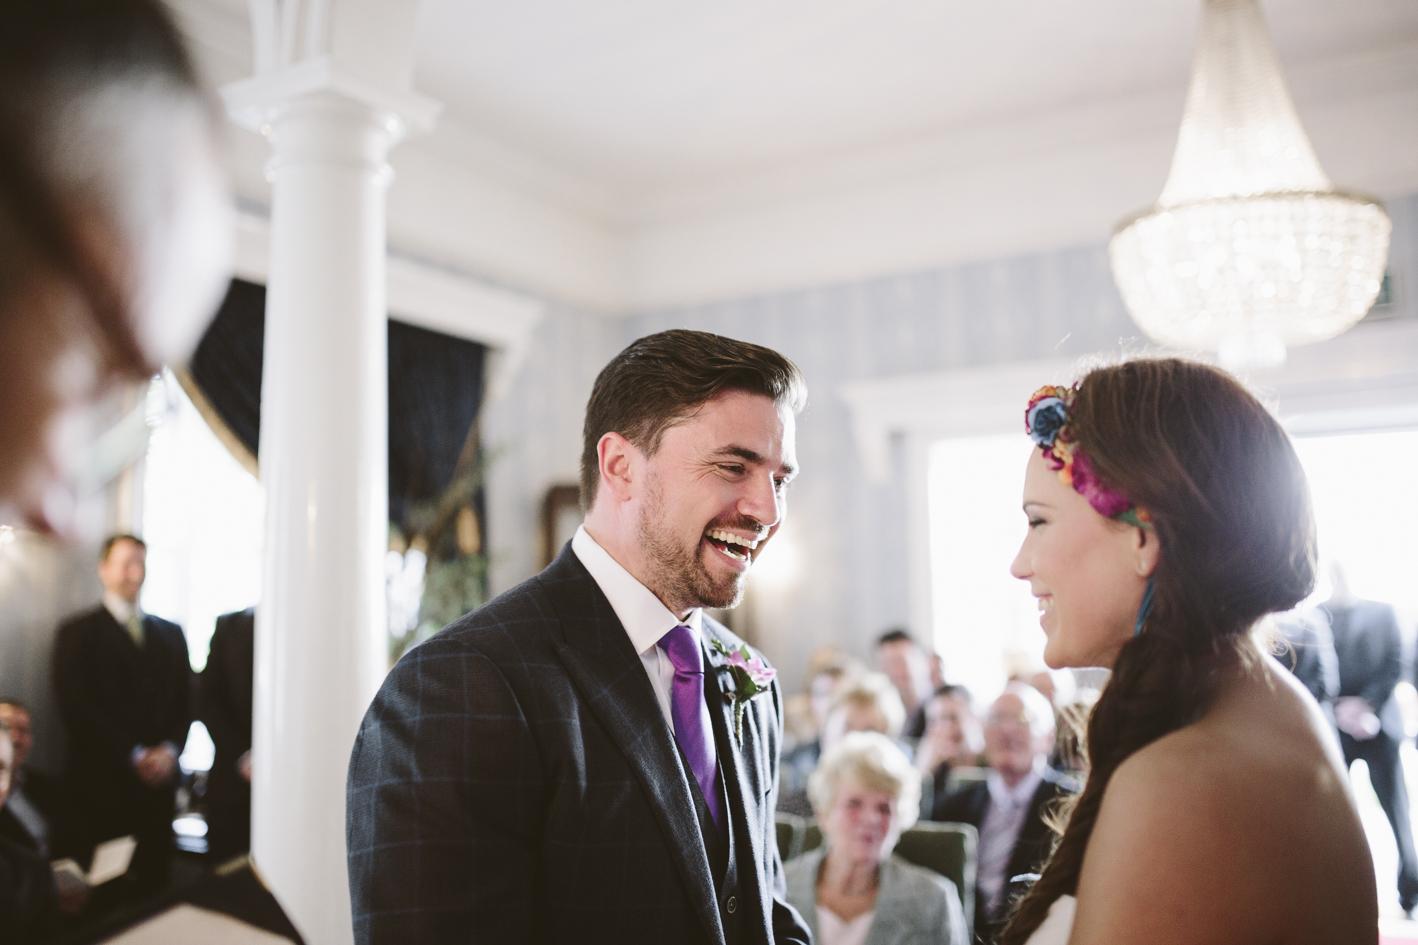 Wedding photographer Ireland Graciela Vilagudin 813.jpg